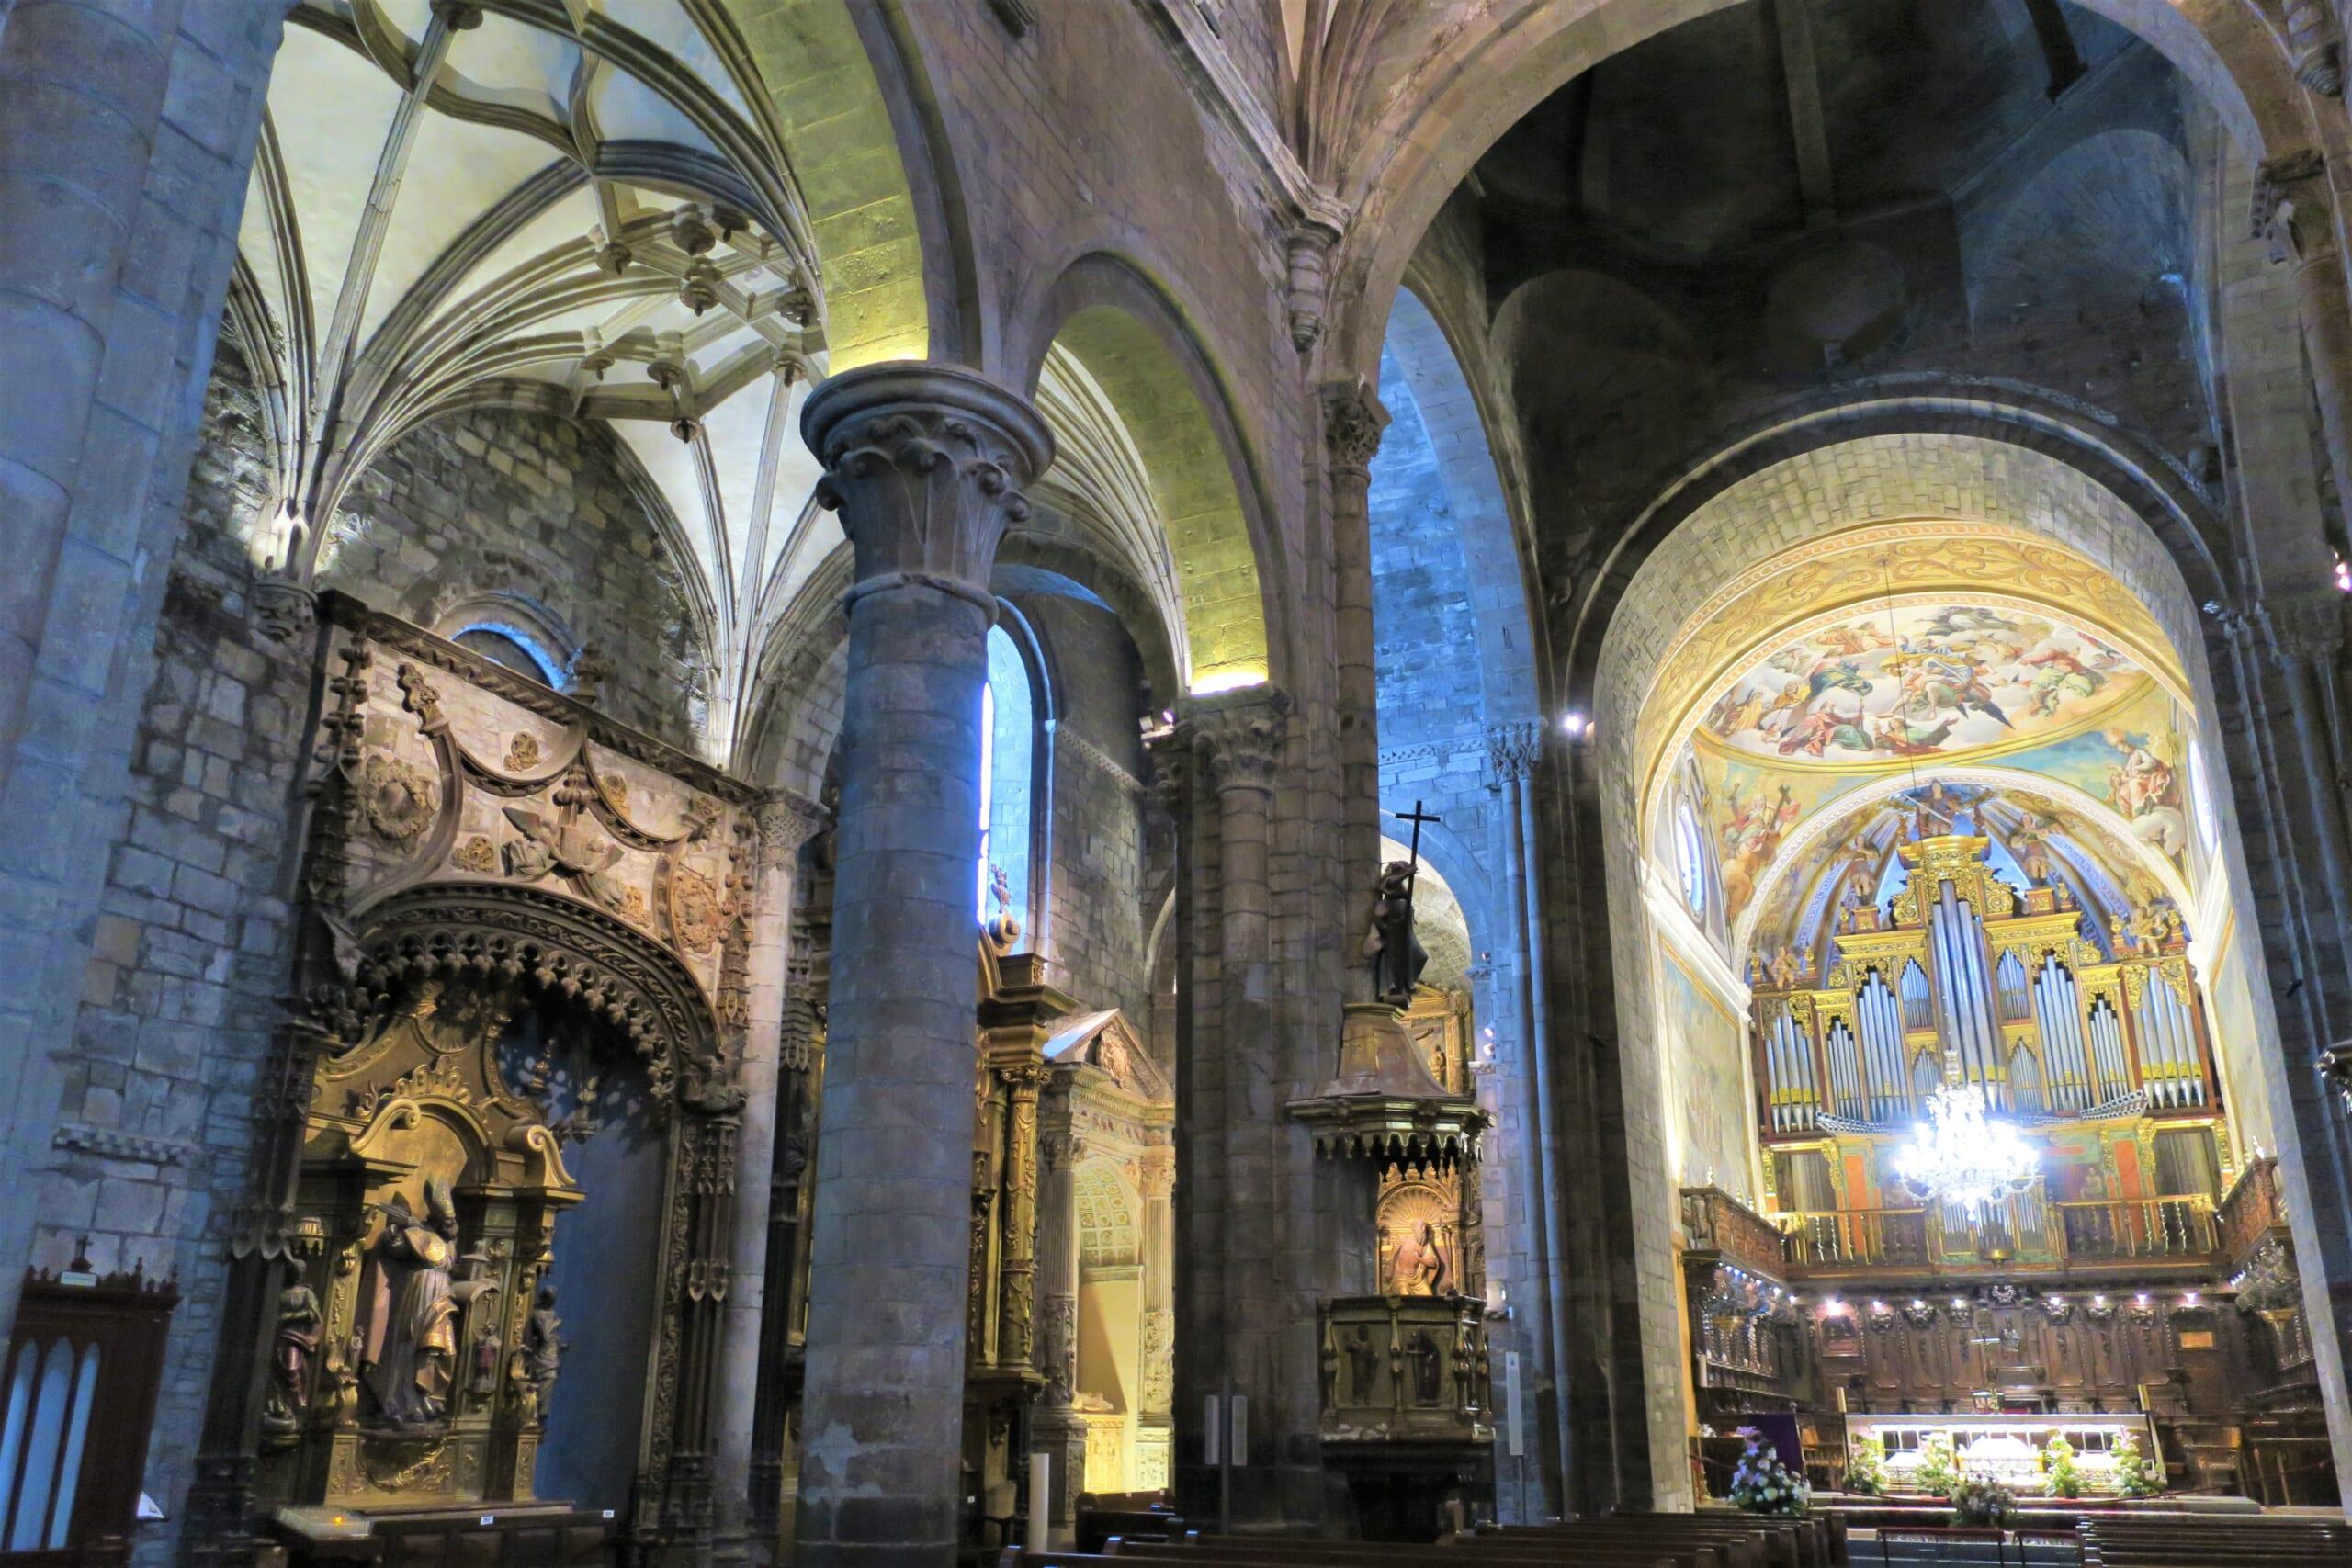 北スペインの観光スポットであるピレネーのハカの大聖堂